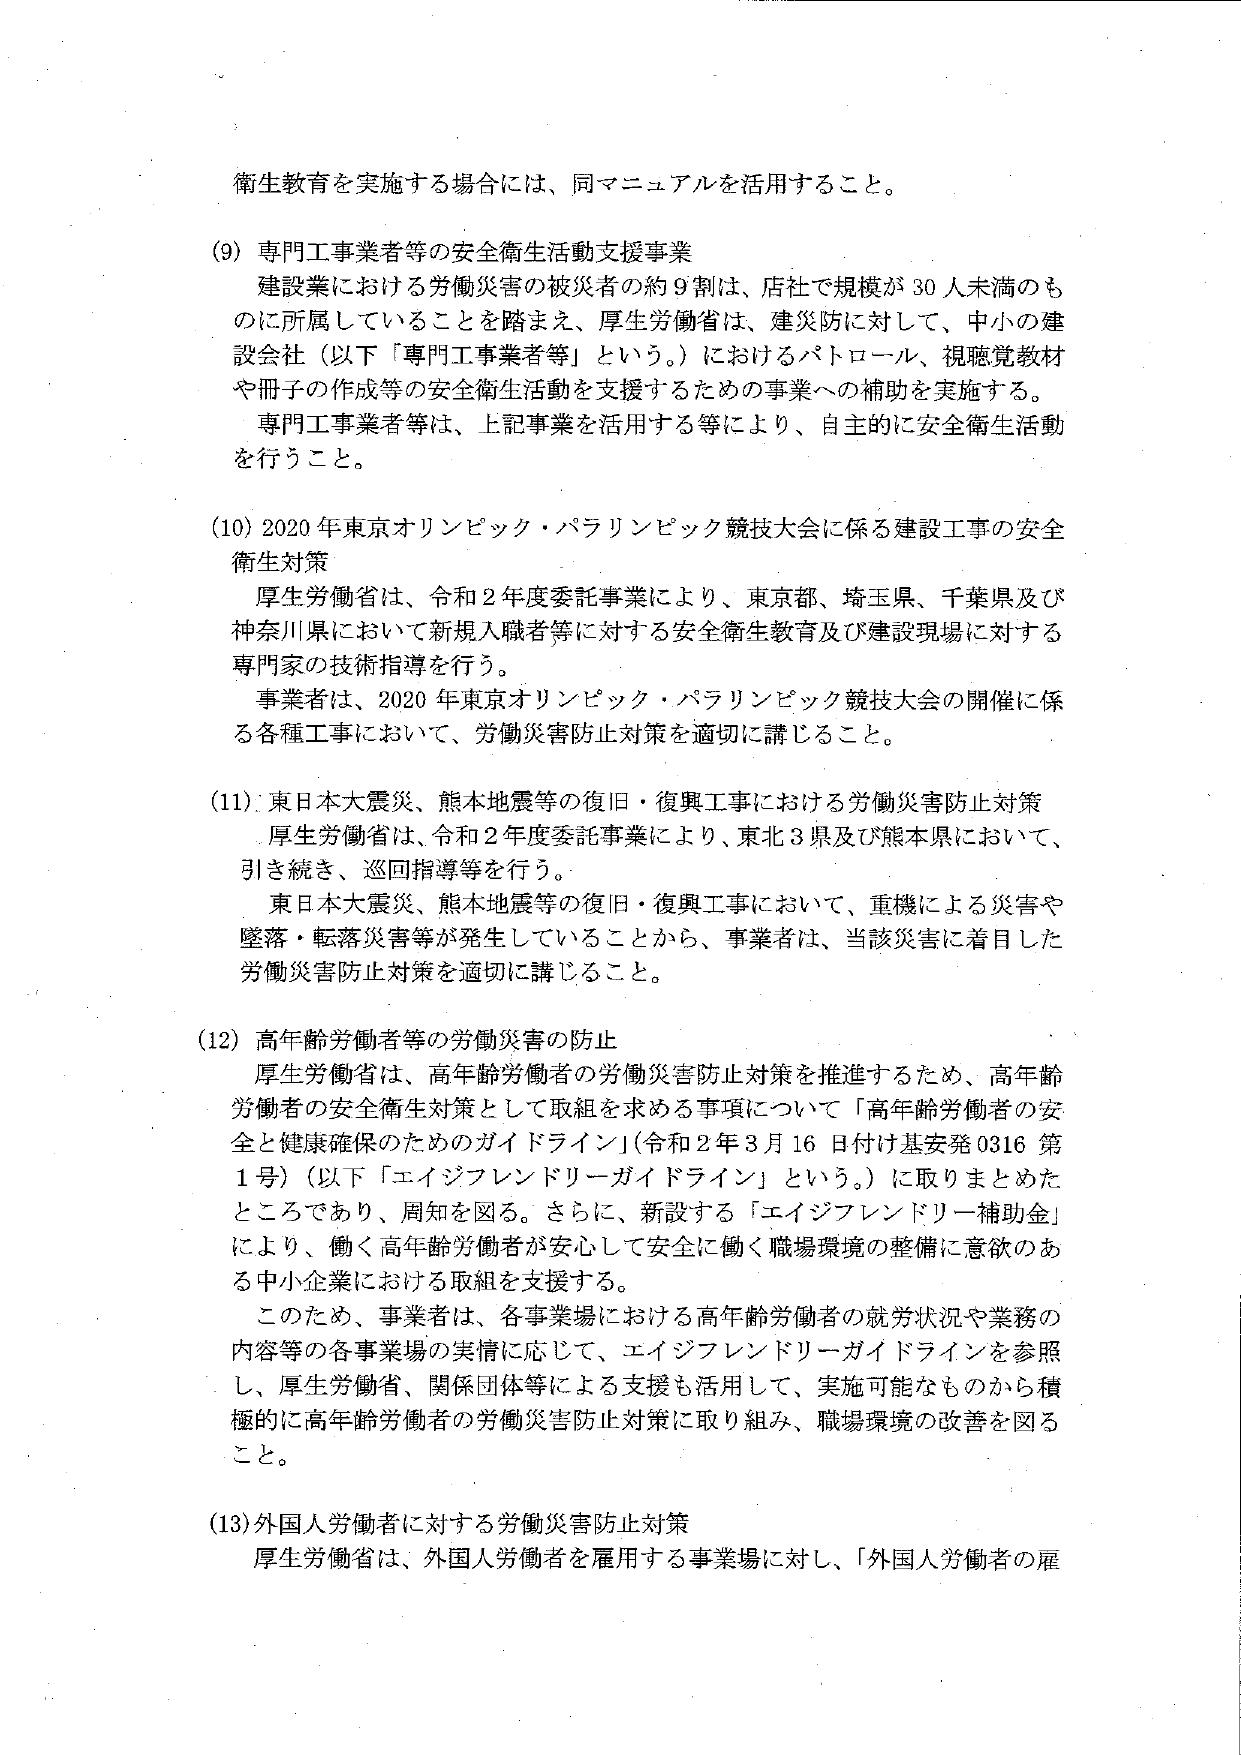 令和2年度における建設業の安全衛生対策の推進について(要請)_page-0004